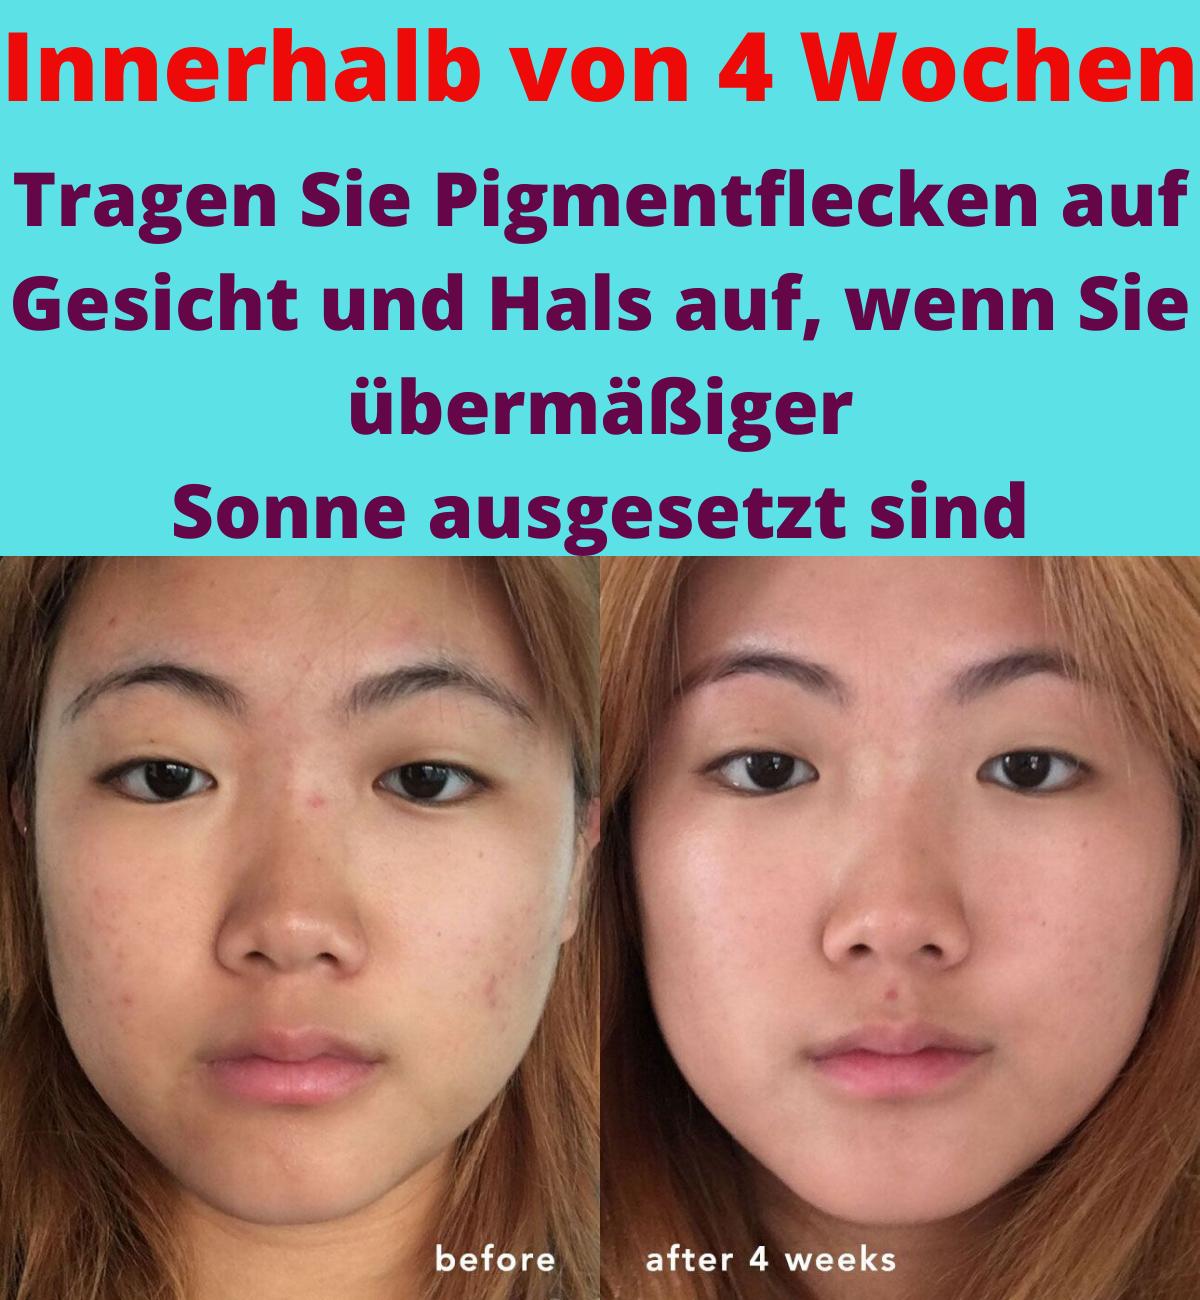 Entfernen Sie Pigmentflecken Im Gesicht Und Am Hals Innerhalb Von 4 Wochen Aufgrund Ubermassiger In 2020 Pigmentflecken Gesicht Gesicht Gesunde Hautpflege